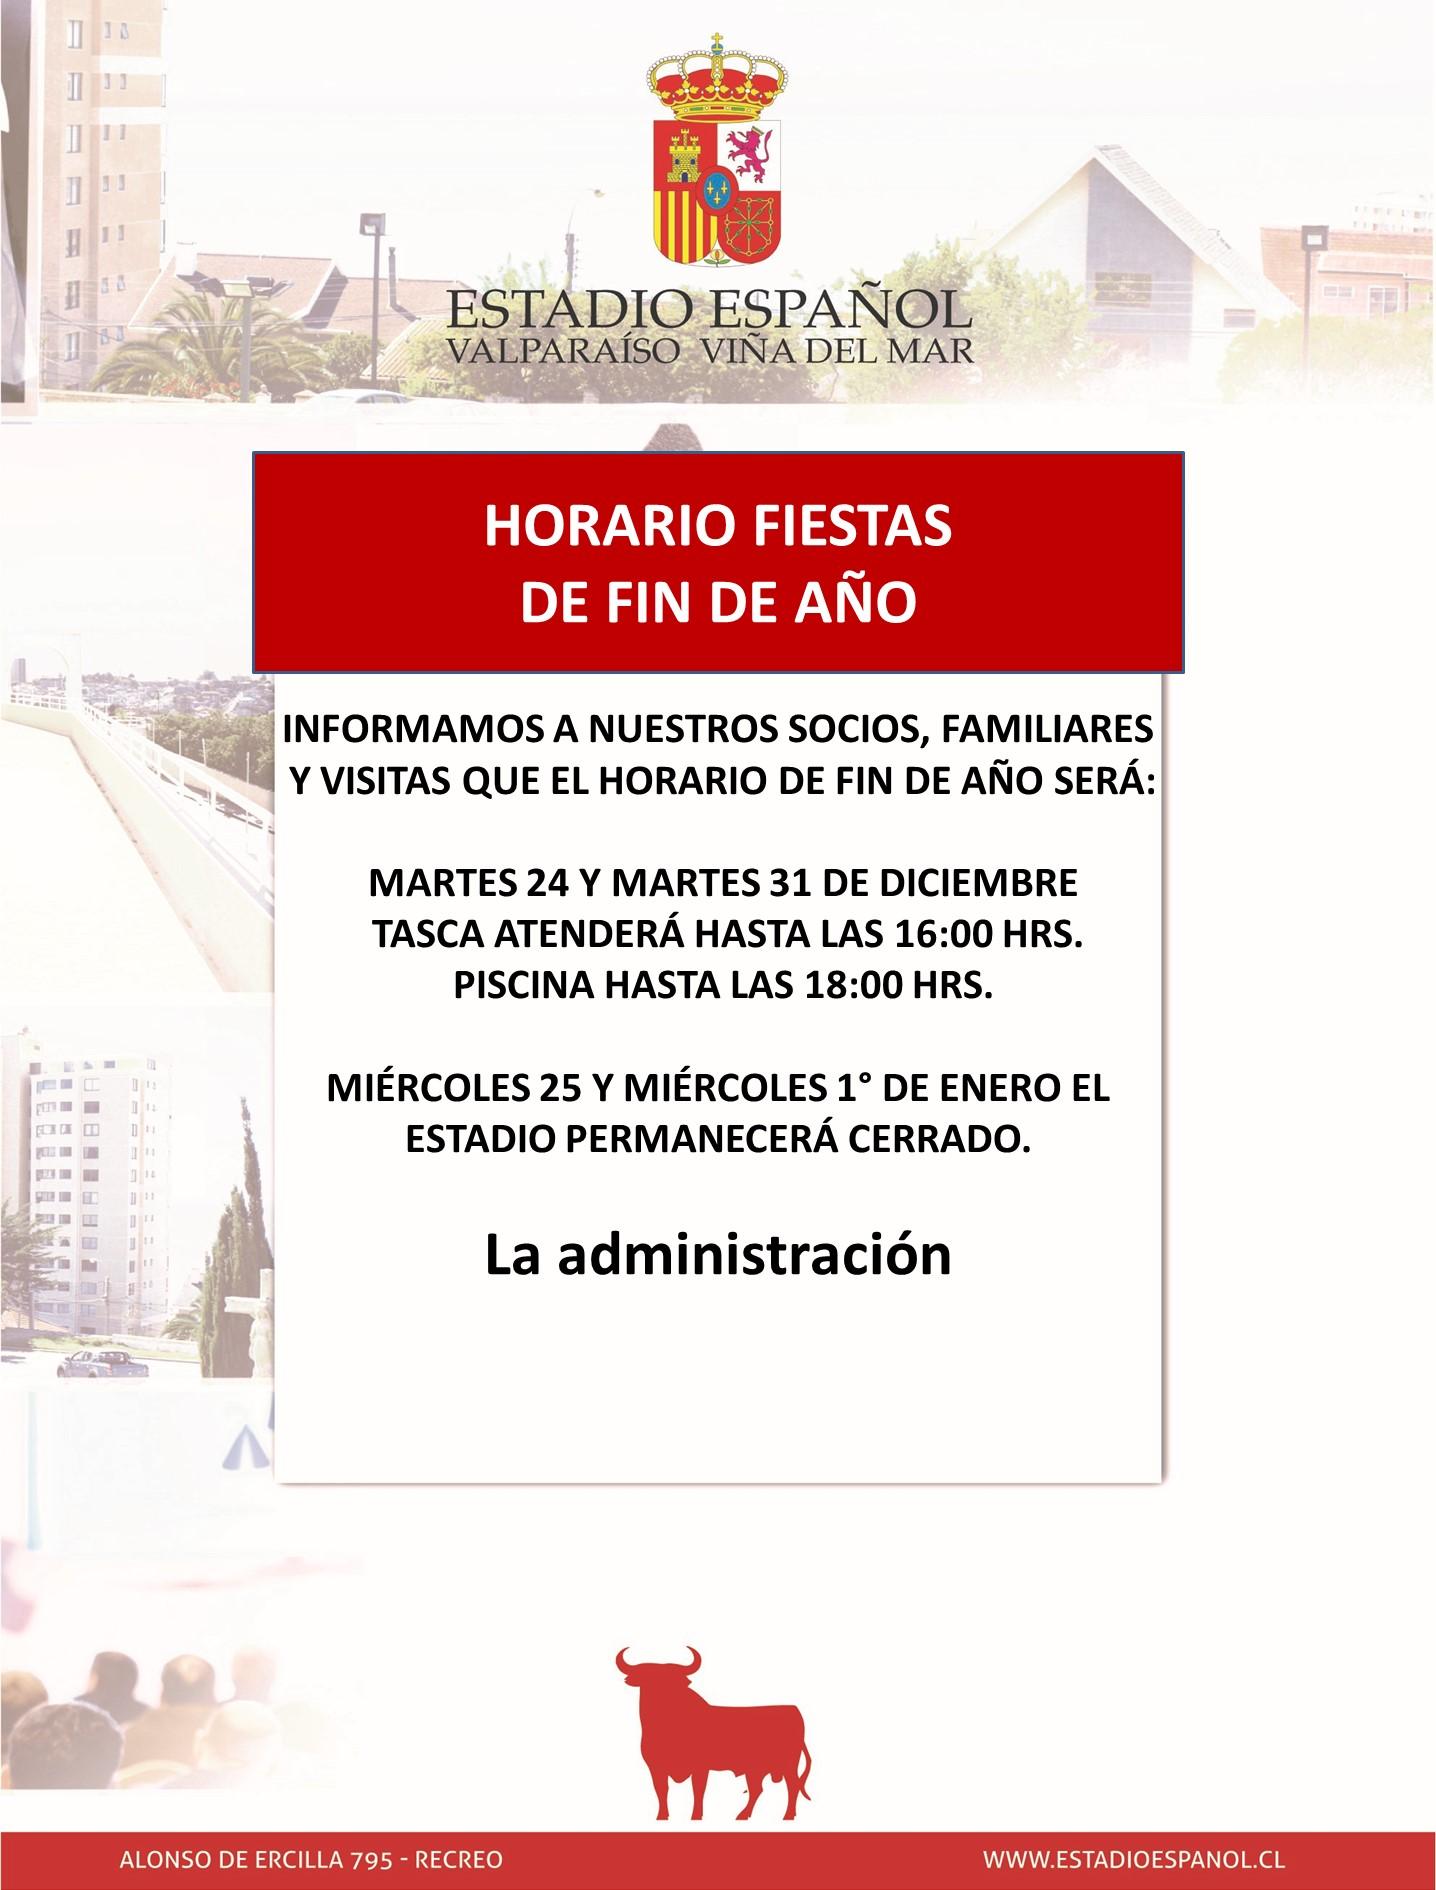 HORARIO FIN DE AÑO 2019 (1)